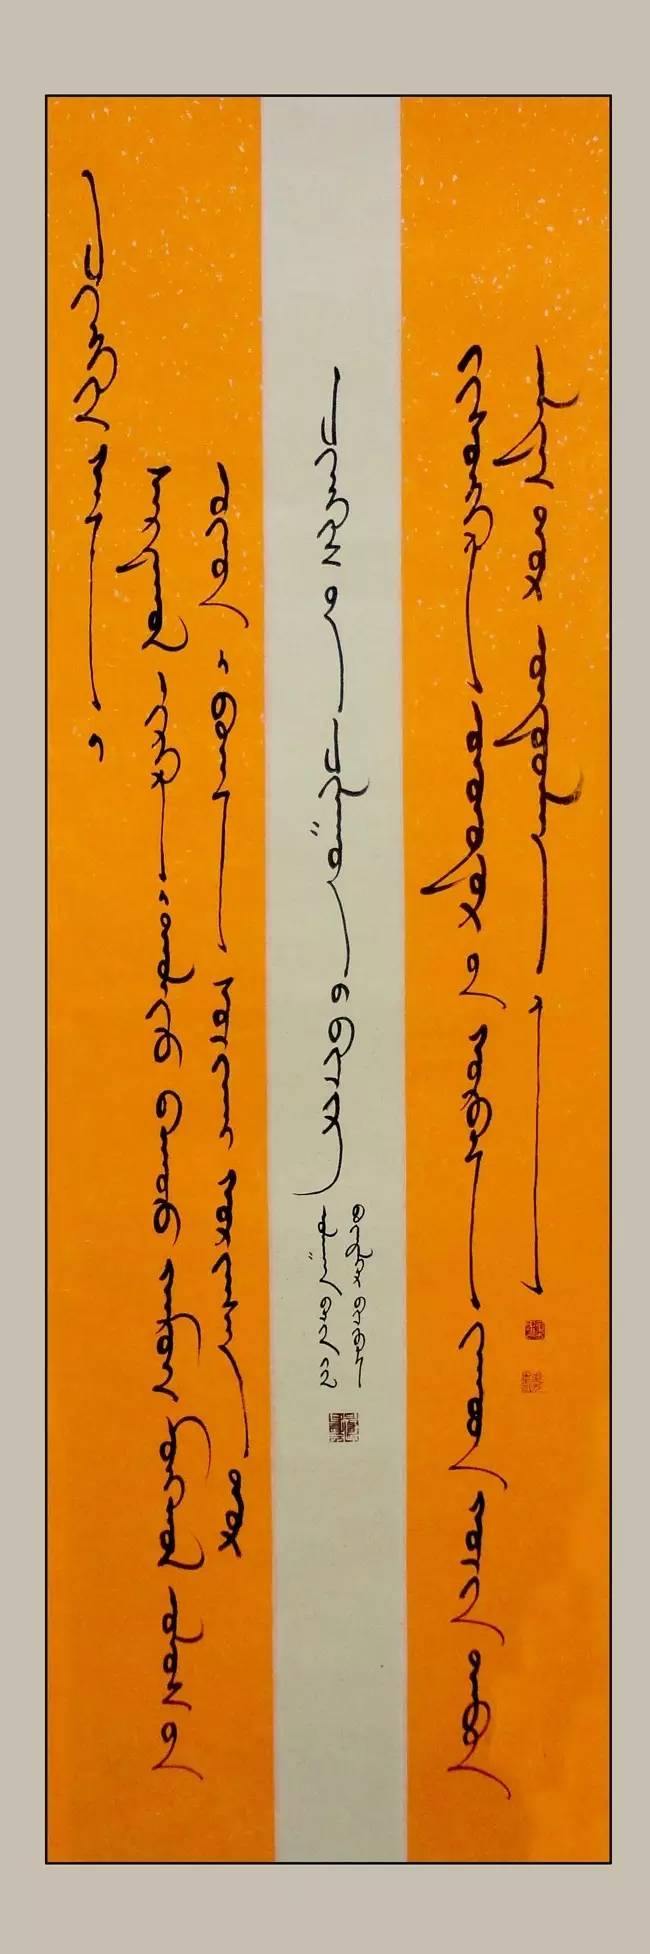 【纪实】蒙古书法的追寻着 —— 宝音德力格尔 第11张 【纪实】蒙古书法的追寻着 —— 宝音德力格尔 蒙古书法